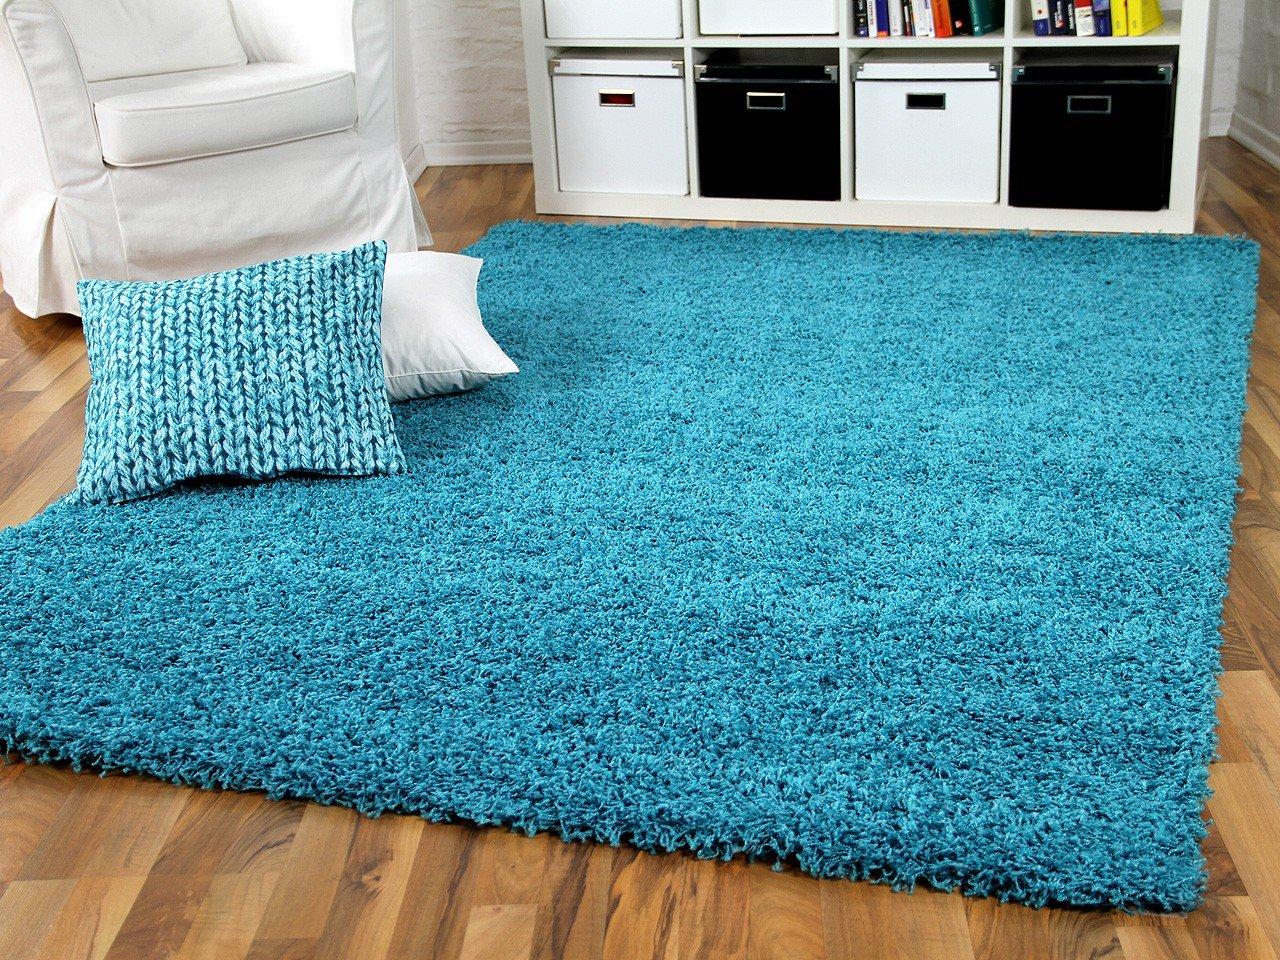 Hochflor Langflor Shaggy Teppich Aloha Türkis Blau  Sofort Lieferbar in 8 Größen    Kundenbewertung und Beschreibung